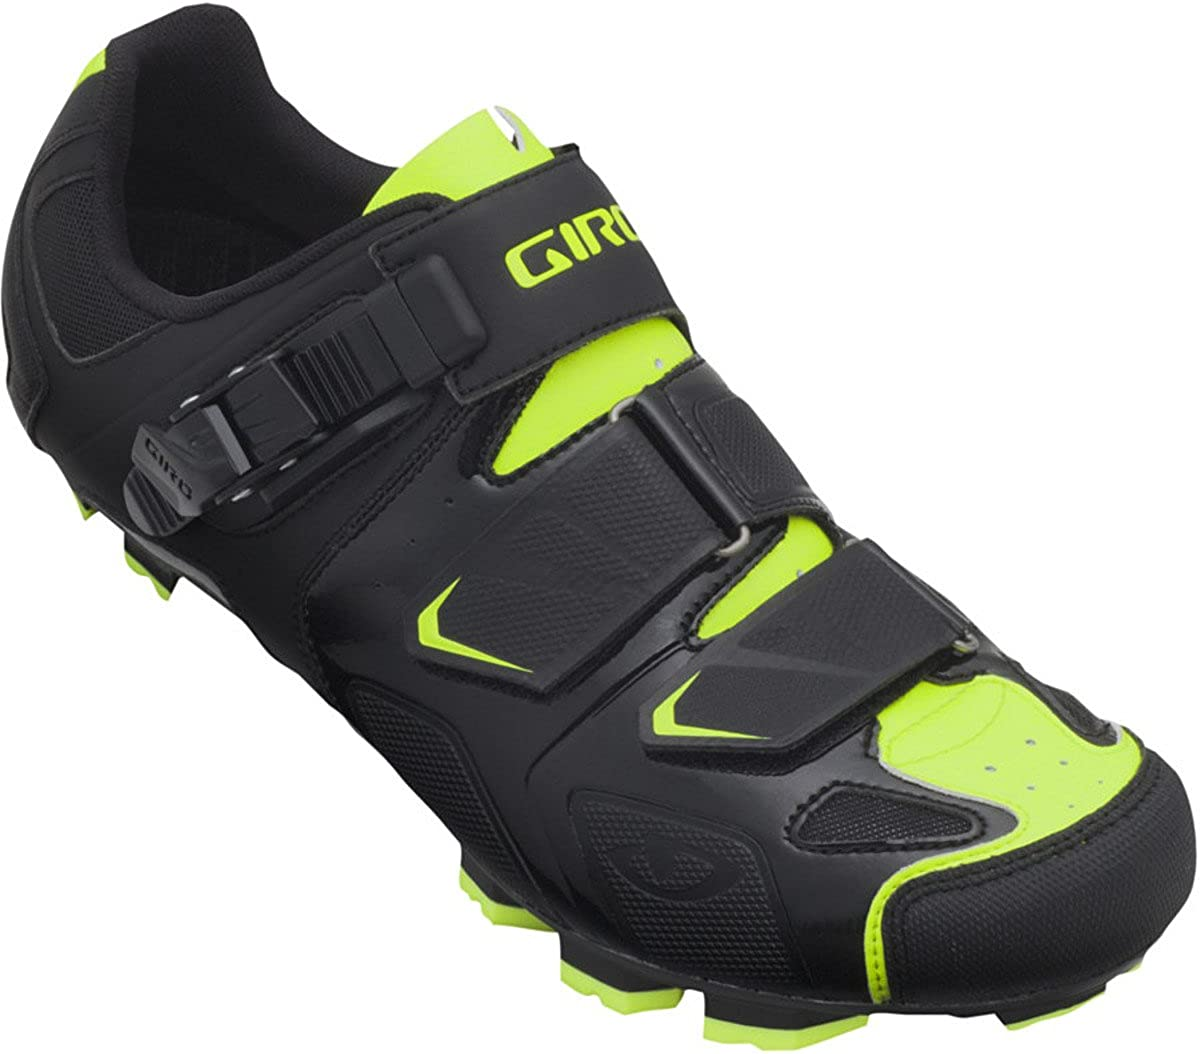 Giro Gauge Mountain Bike Shoes Gentlemen black